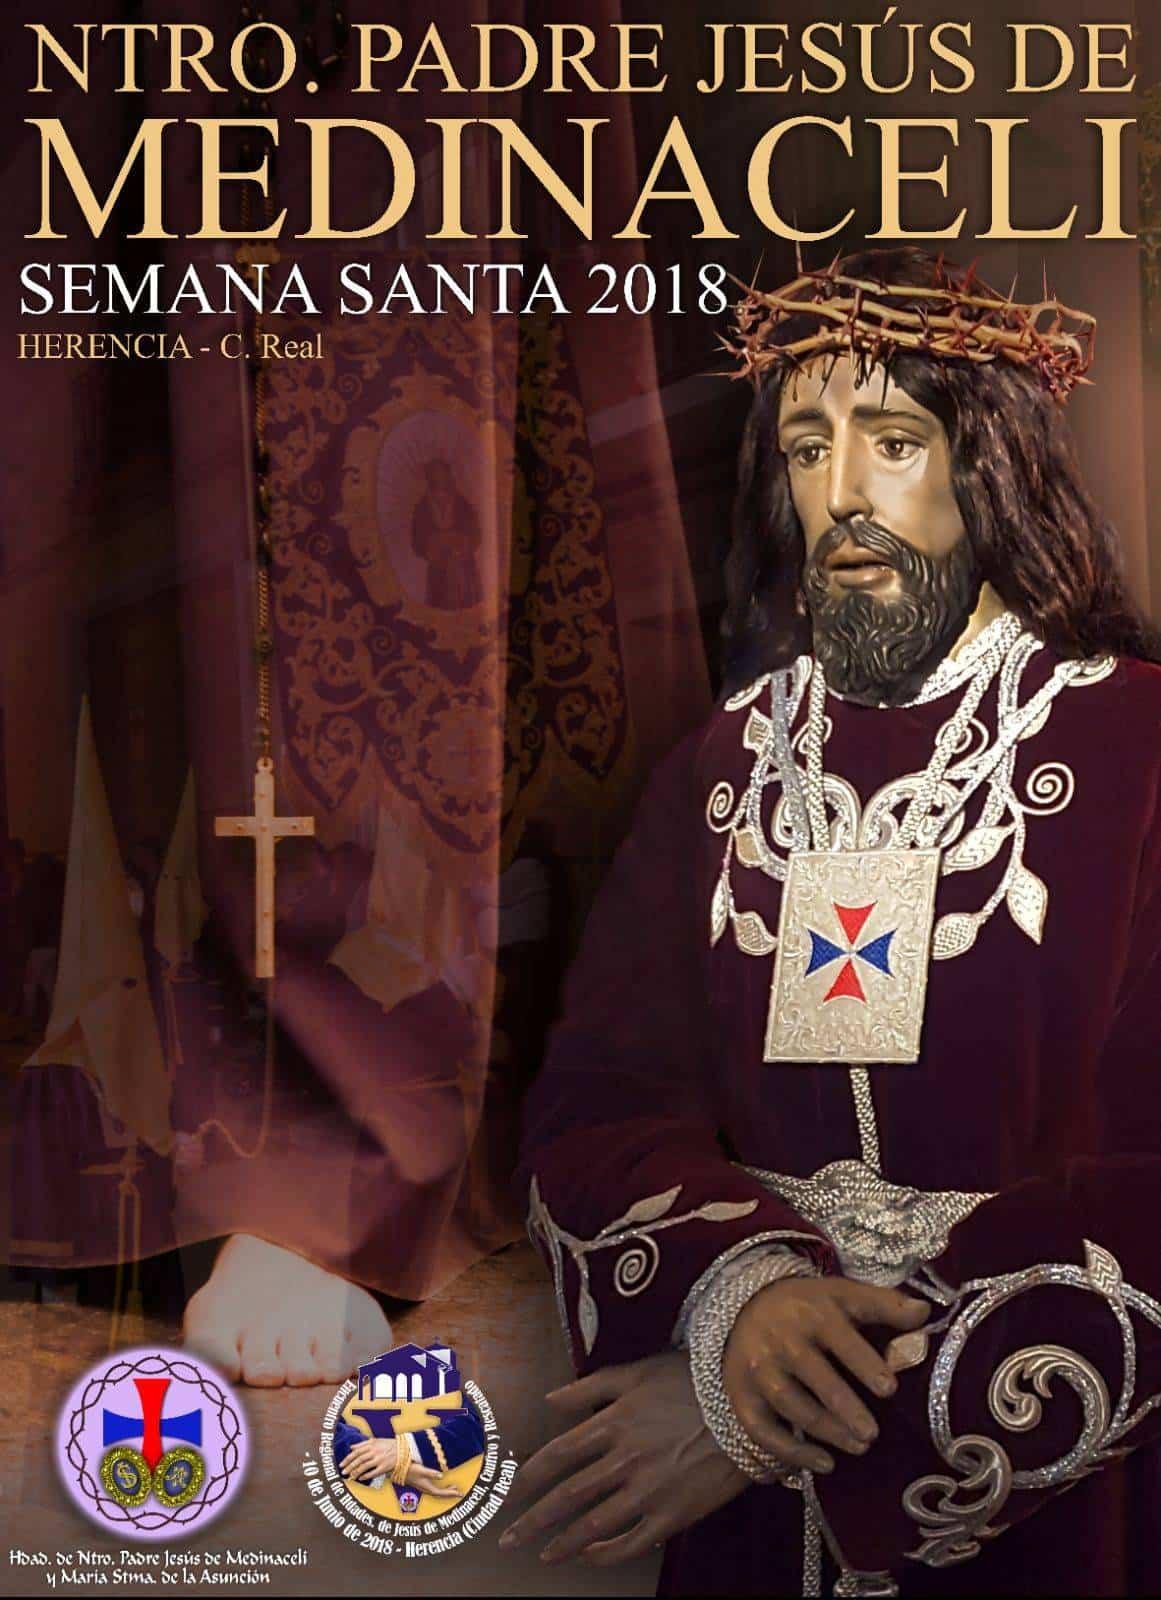 Cartel estacion de penitencia jesus de medinaceli 2018 herencia - Cartel y recorrido de Jesús de Medinaceli en su estación de penitencia el Jueves Santo